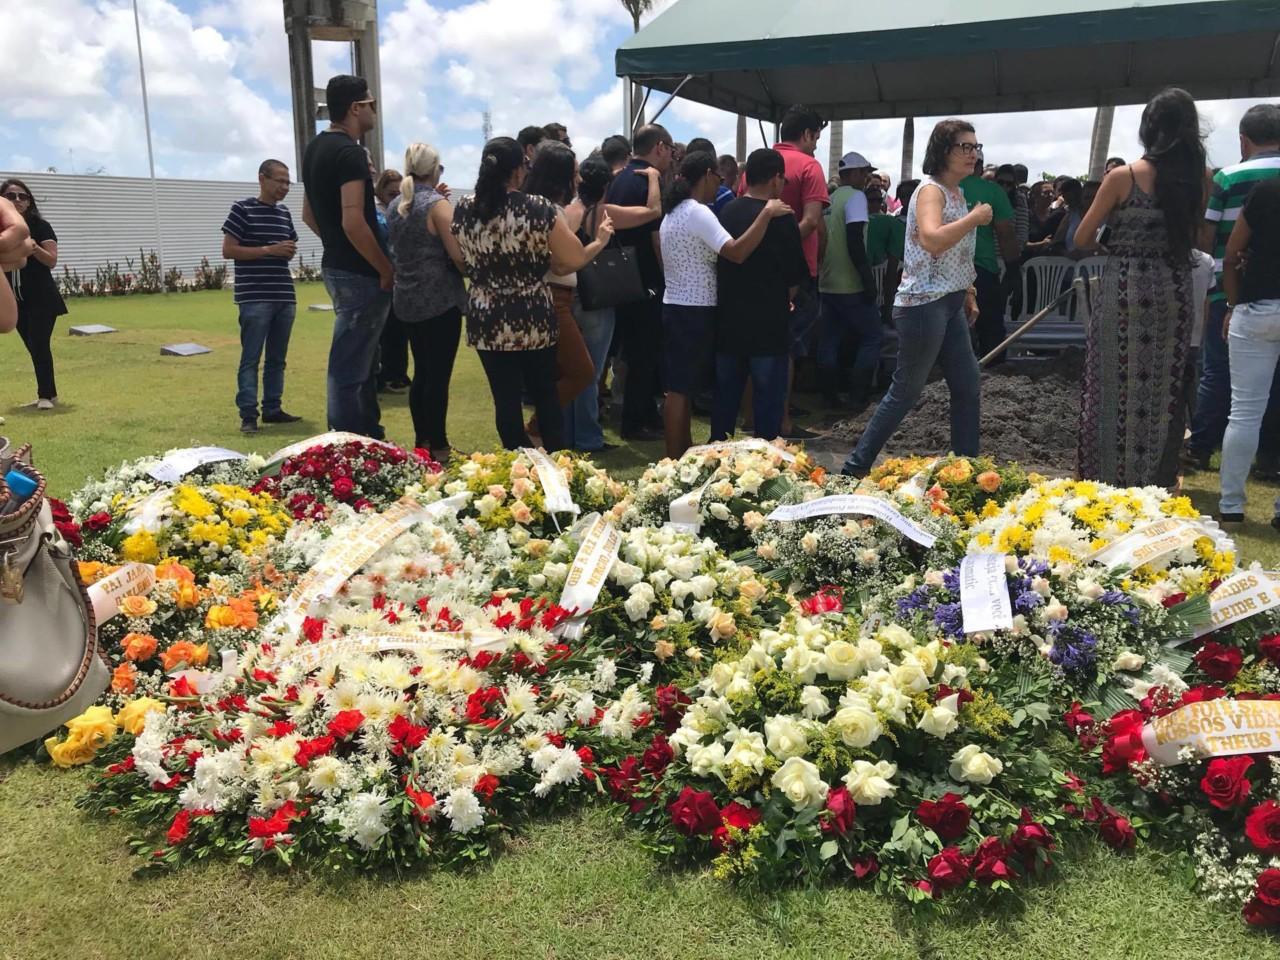 24115533 1637755926280567 329212594 o - VEJA VÍDEOS: Sócio de empresário assassinado diz durante sepultamento que 'gabinetes bacanas de Brasília' deixam população à mercê de bandidos